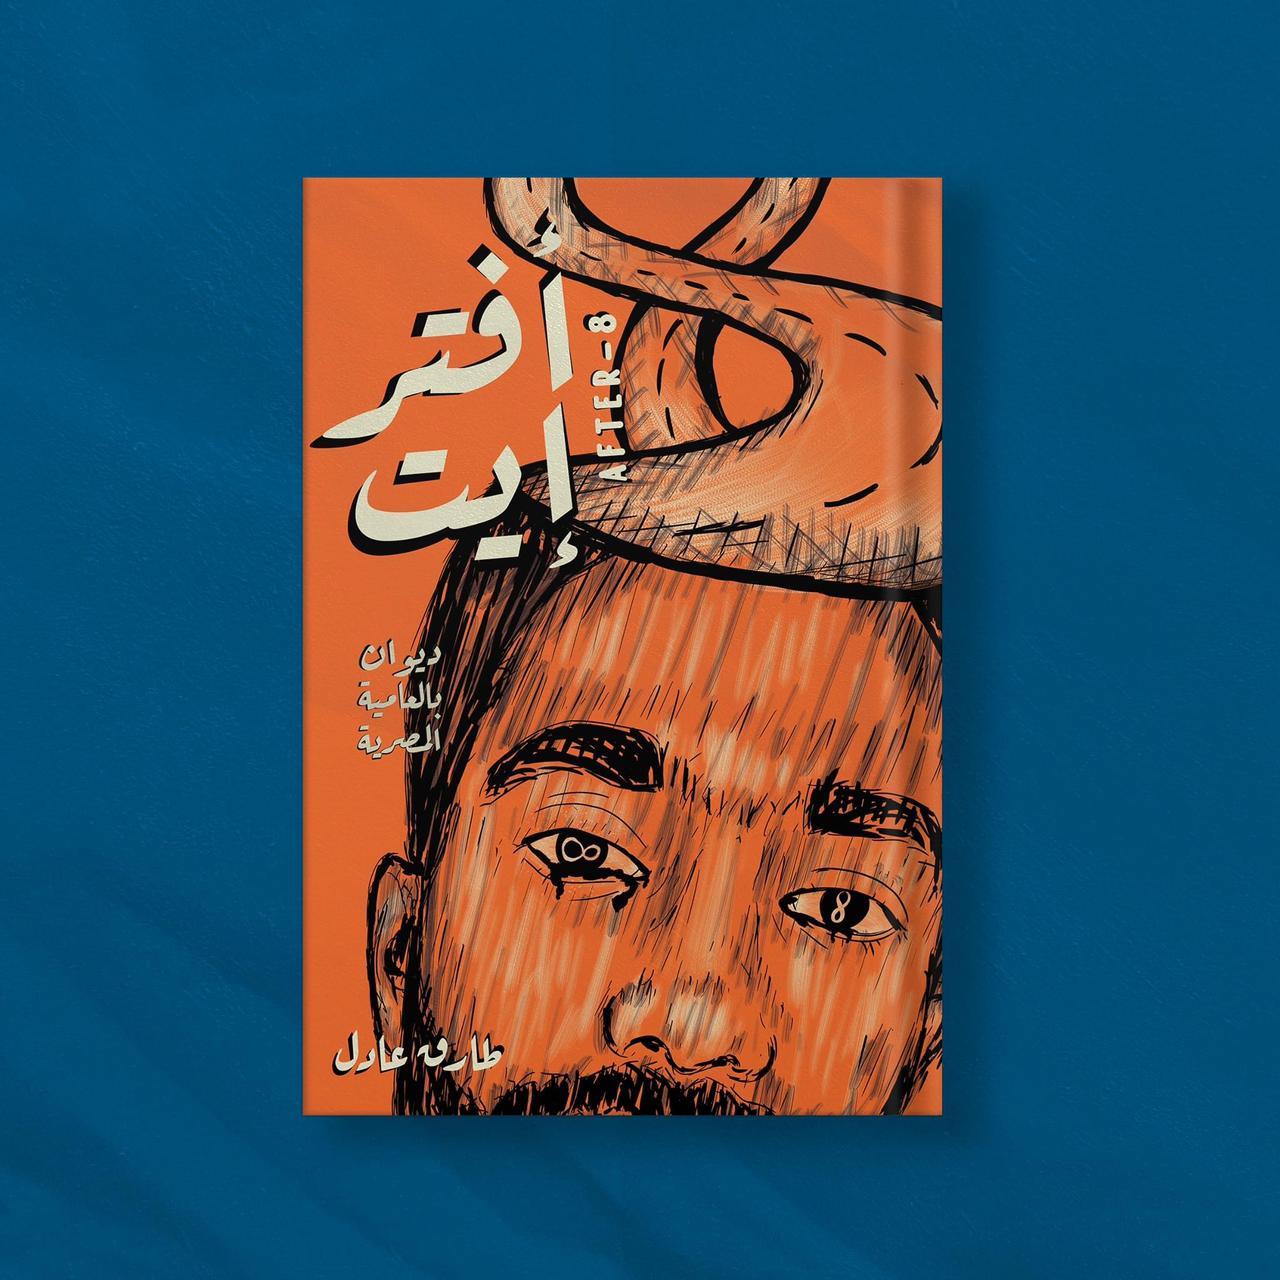 كتاب أفتر ايت للكاتب طارق عادل